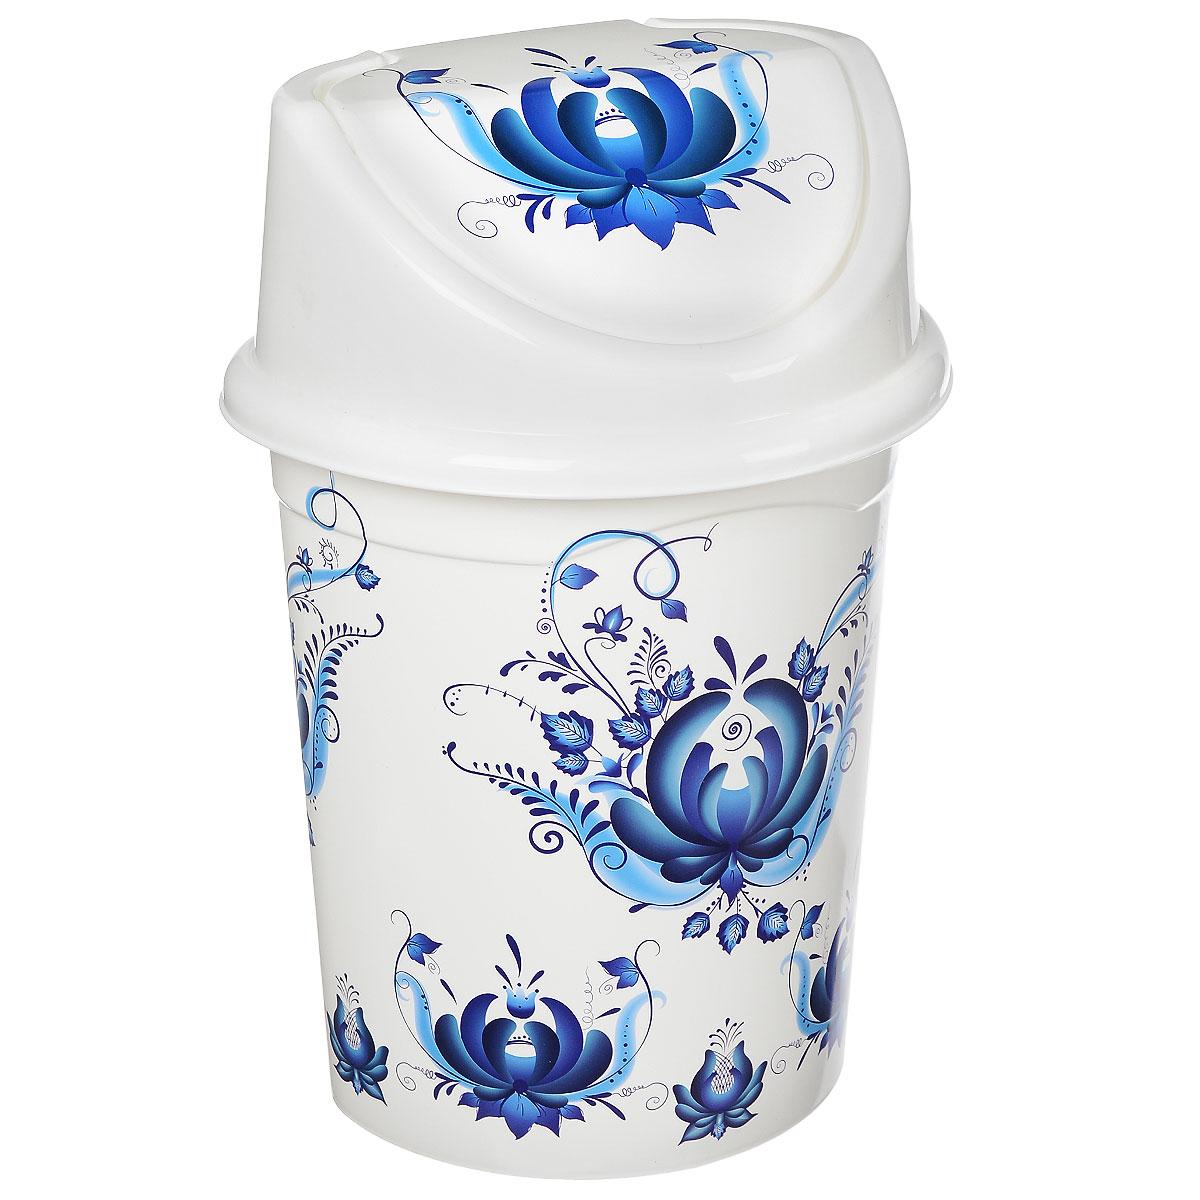 Контейнер для мусора Violet Гжель, цвет: белый, синий, 14 л12723Контейнер для мусора Violet Гжель изготовлен из прочного пластика. Контейнер снабжен удобной съемной крышкой с подвижной перегородкой. Благодаря стильному дизайну такой контейнер идеально украсит интерьер и дома, и офиса.